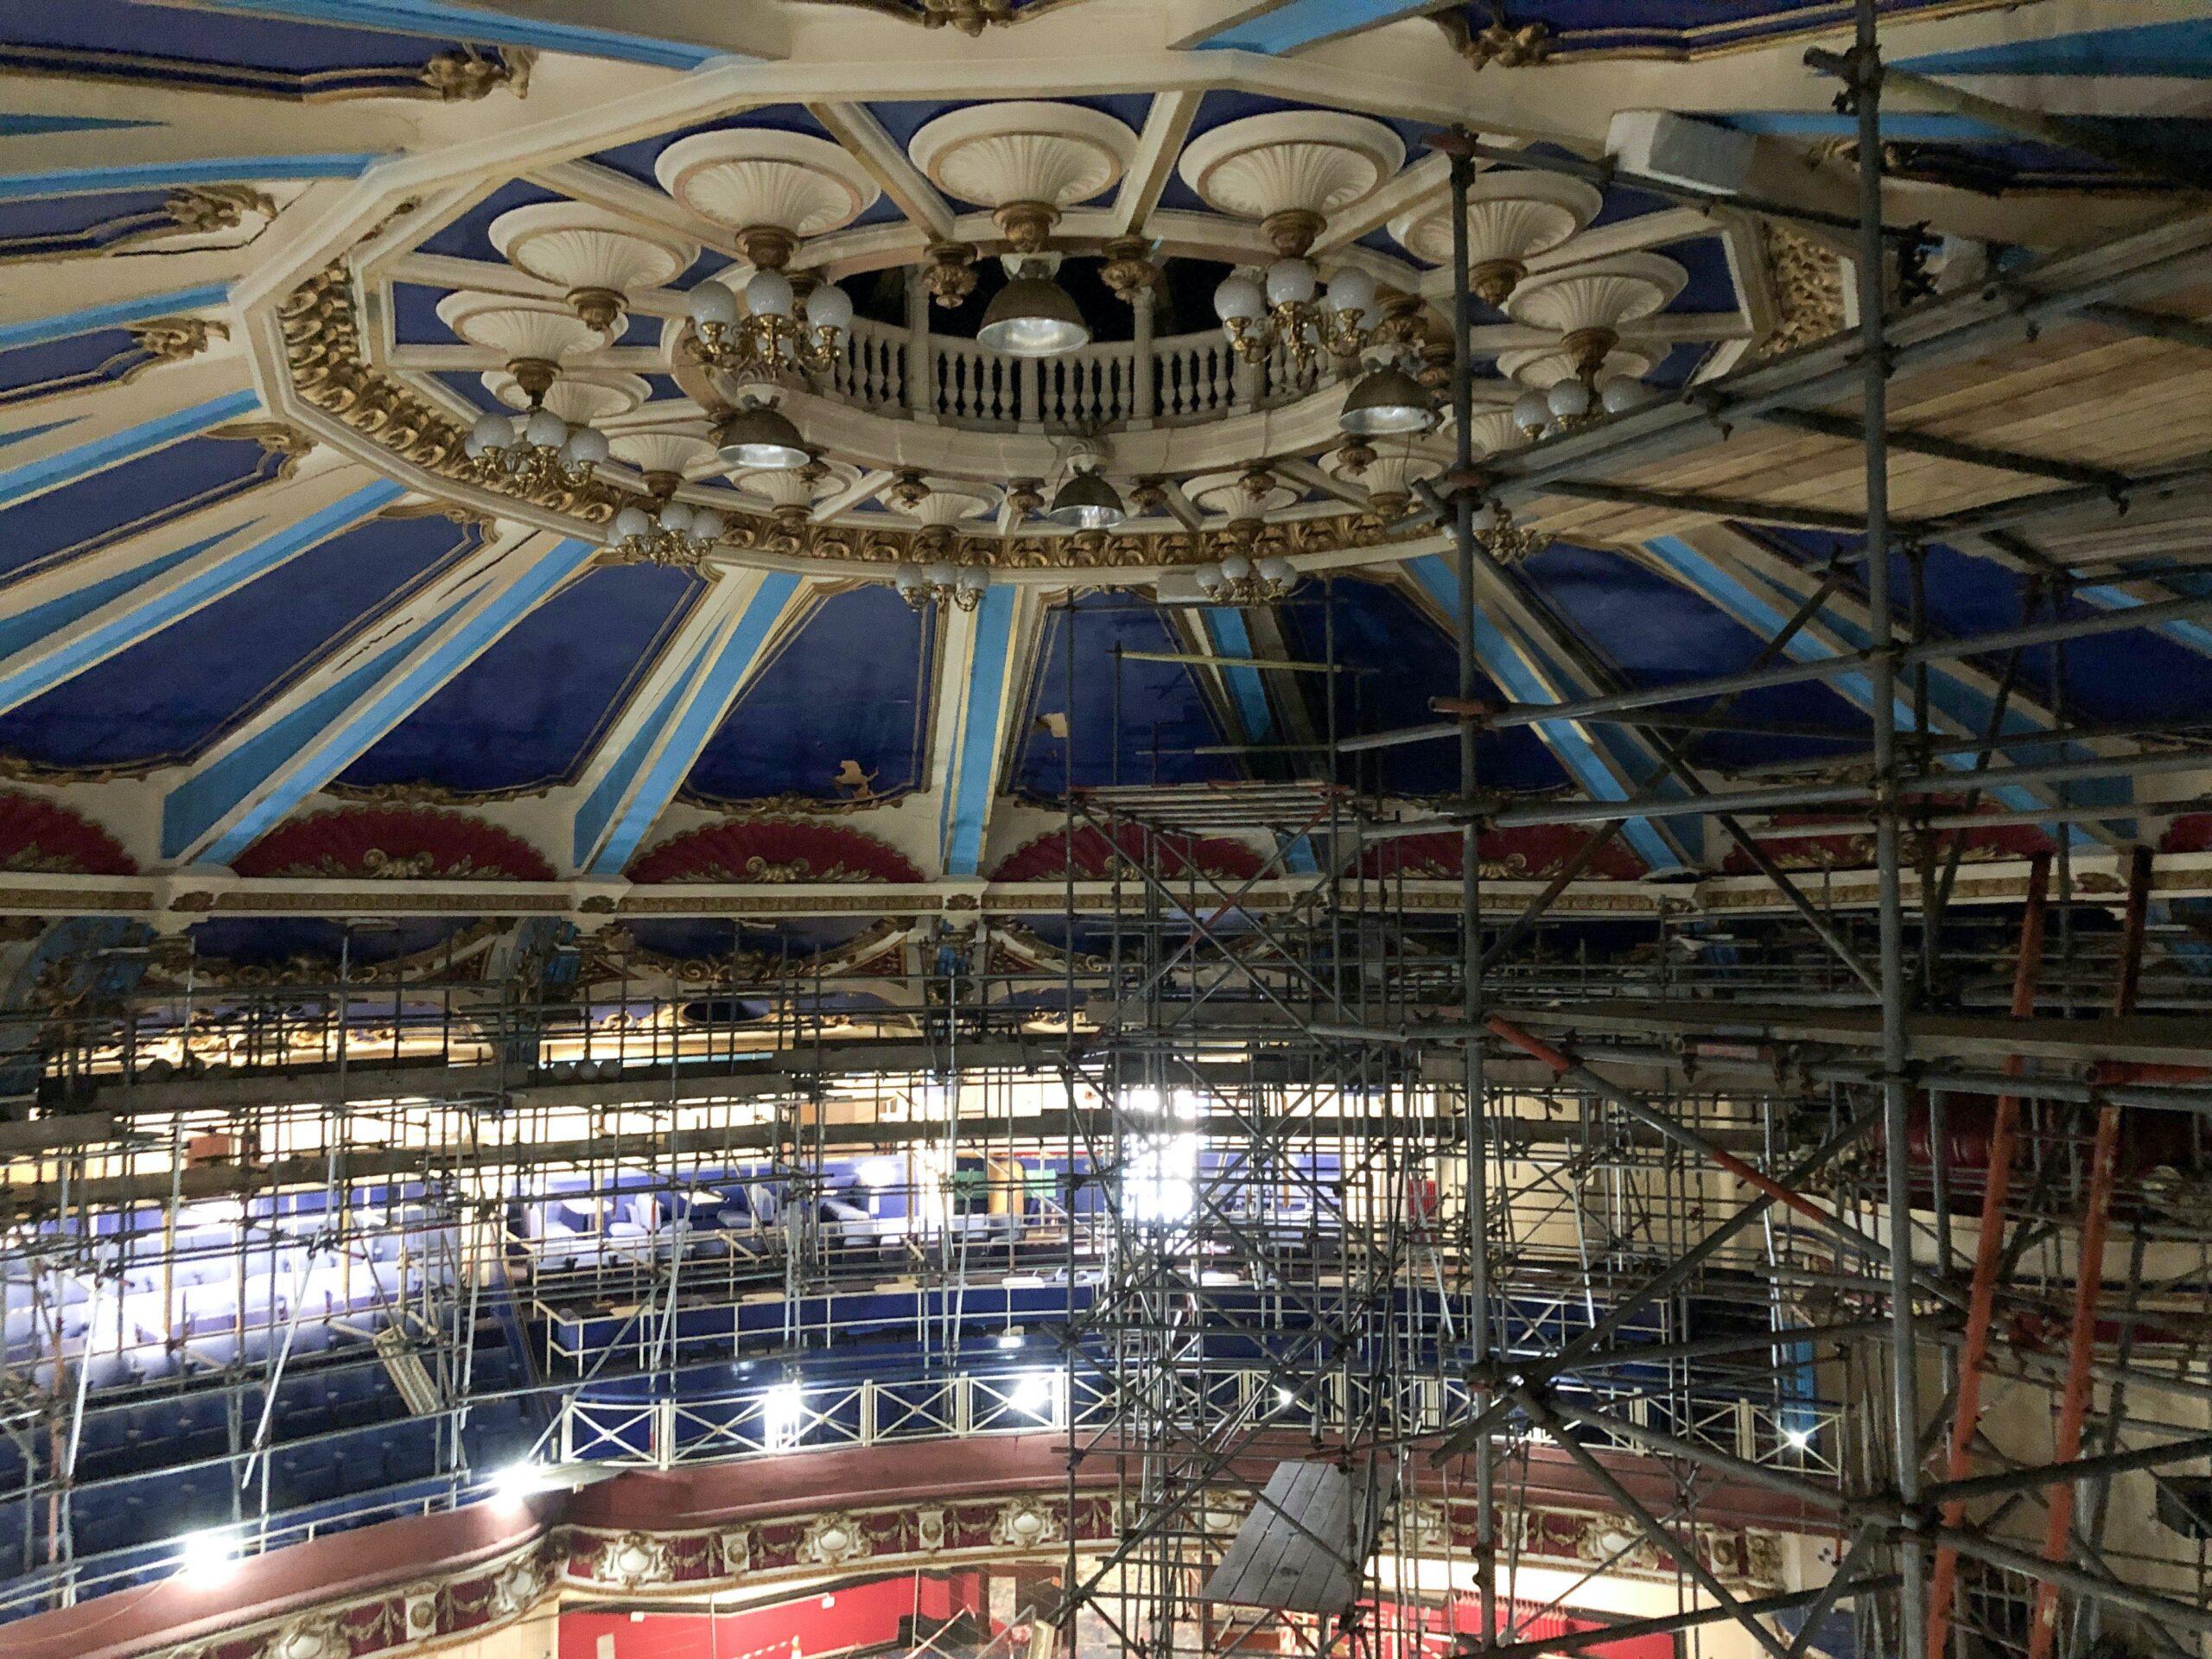 Brighton Hippodrome ceiling